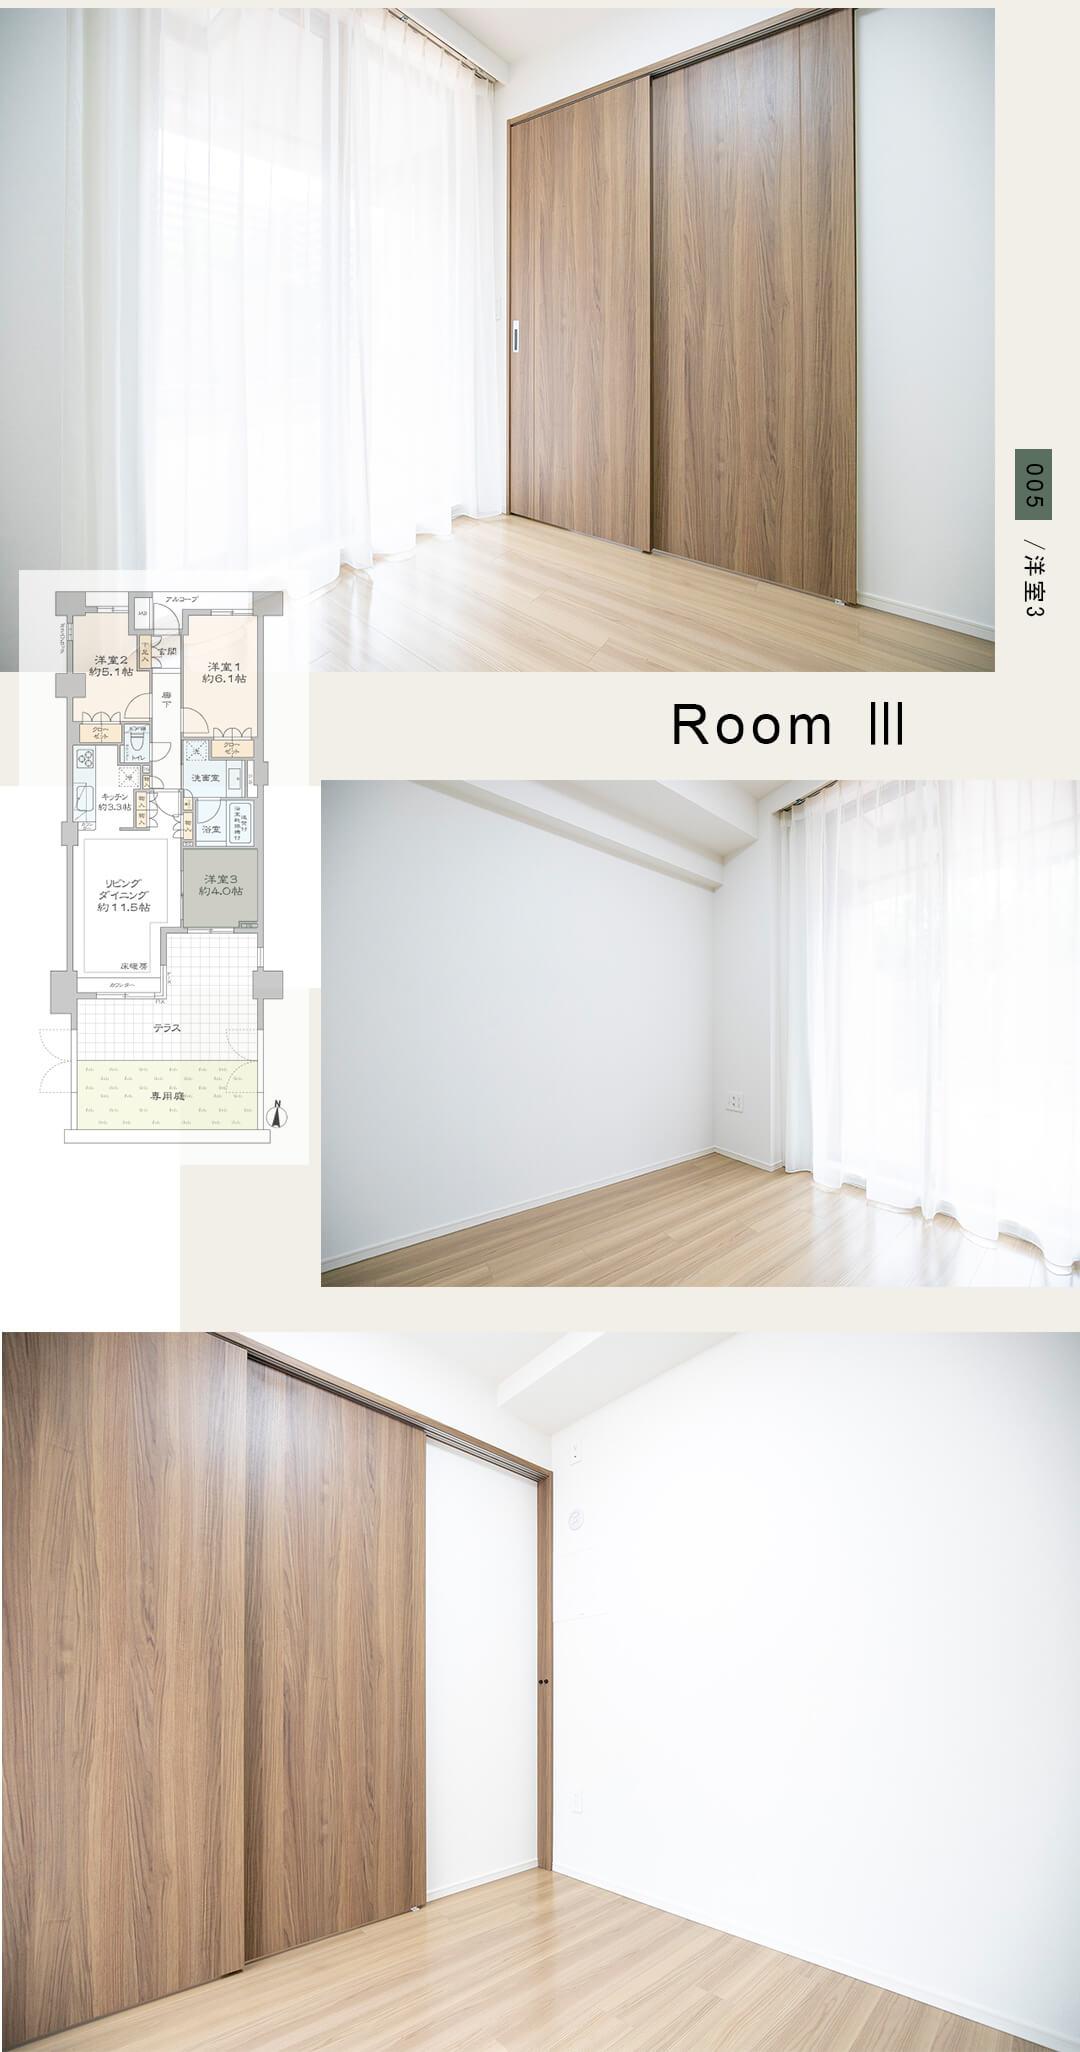 005洋室3,Room Ⅲ